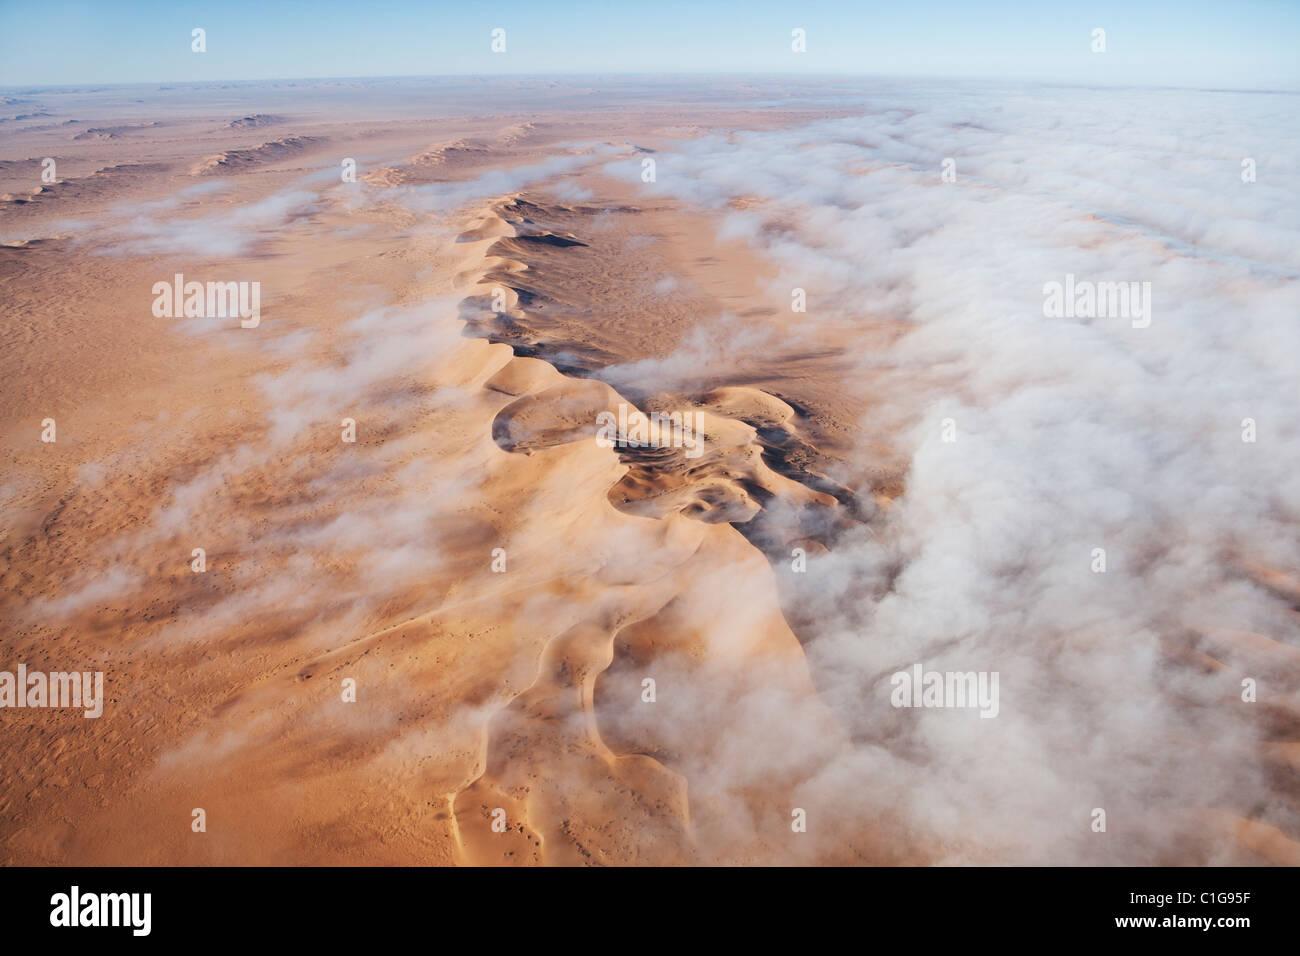 Vista aérea de dunas de arena del desierto de Namibia Foto de stock